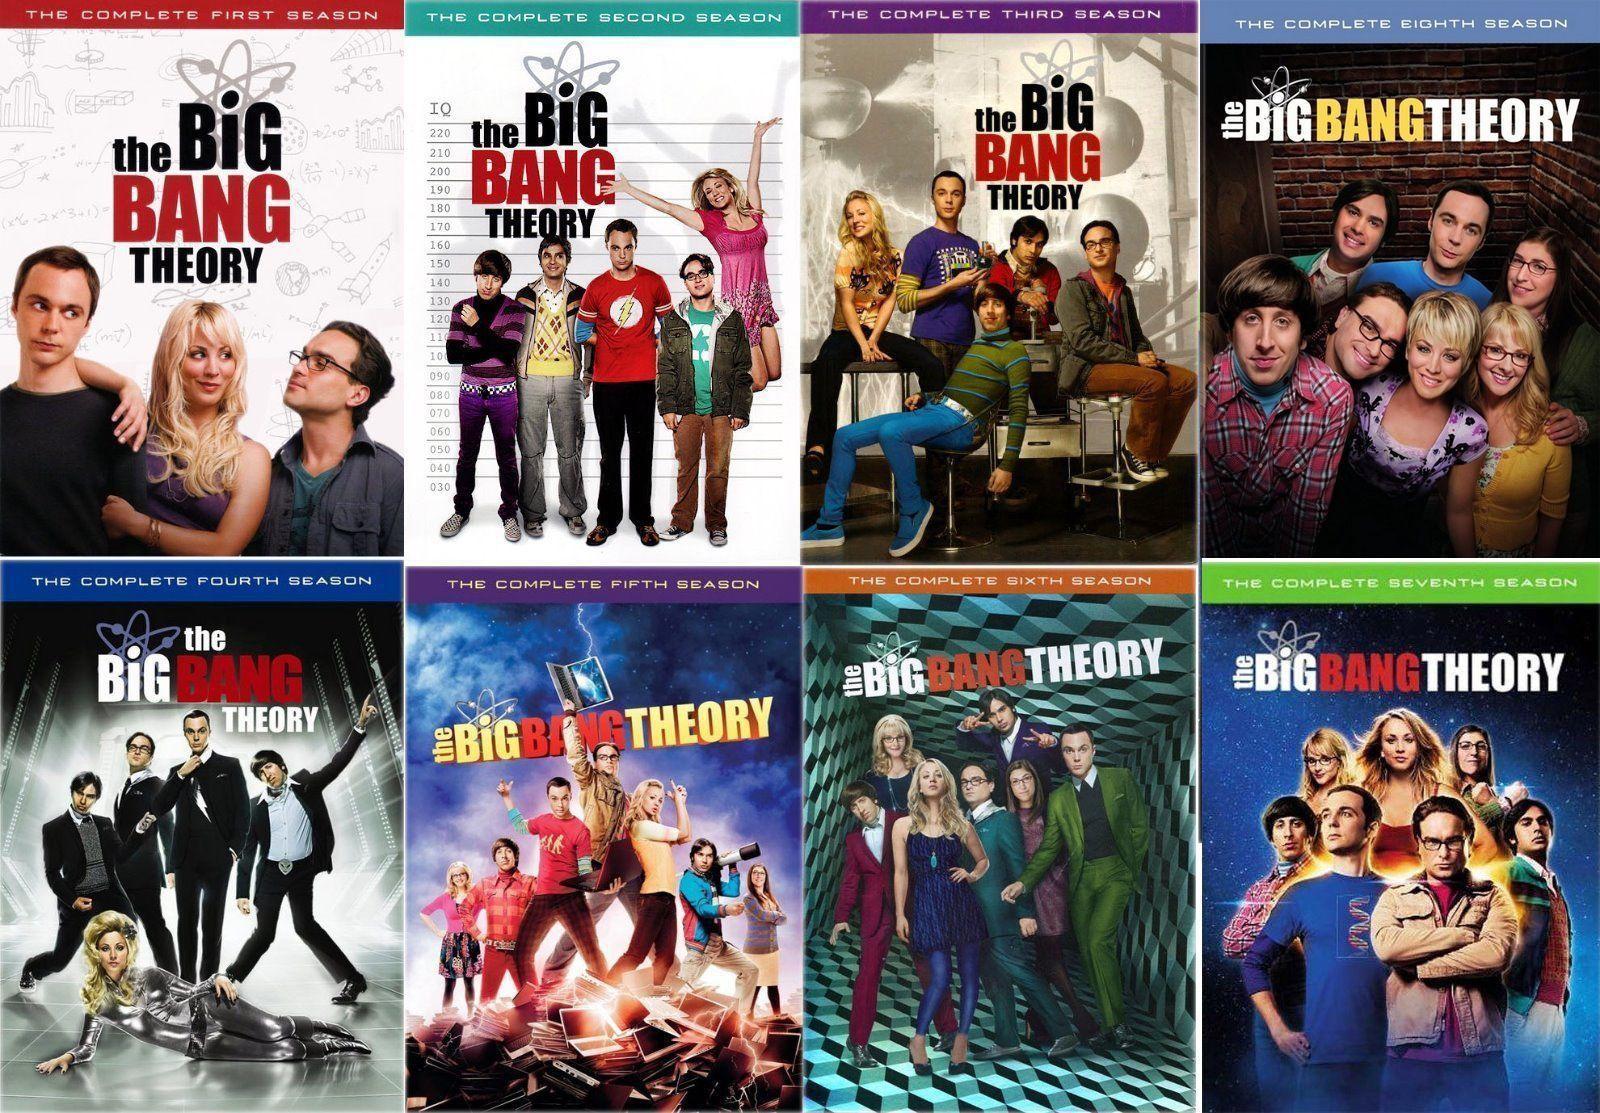 Big Bang Theory : Seasons 1-8 ( 1 2 3 4 5 6 7 8 ) DVD BRAND NEW, used for sale  USA